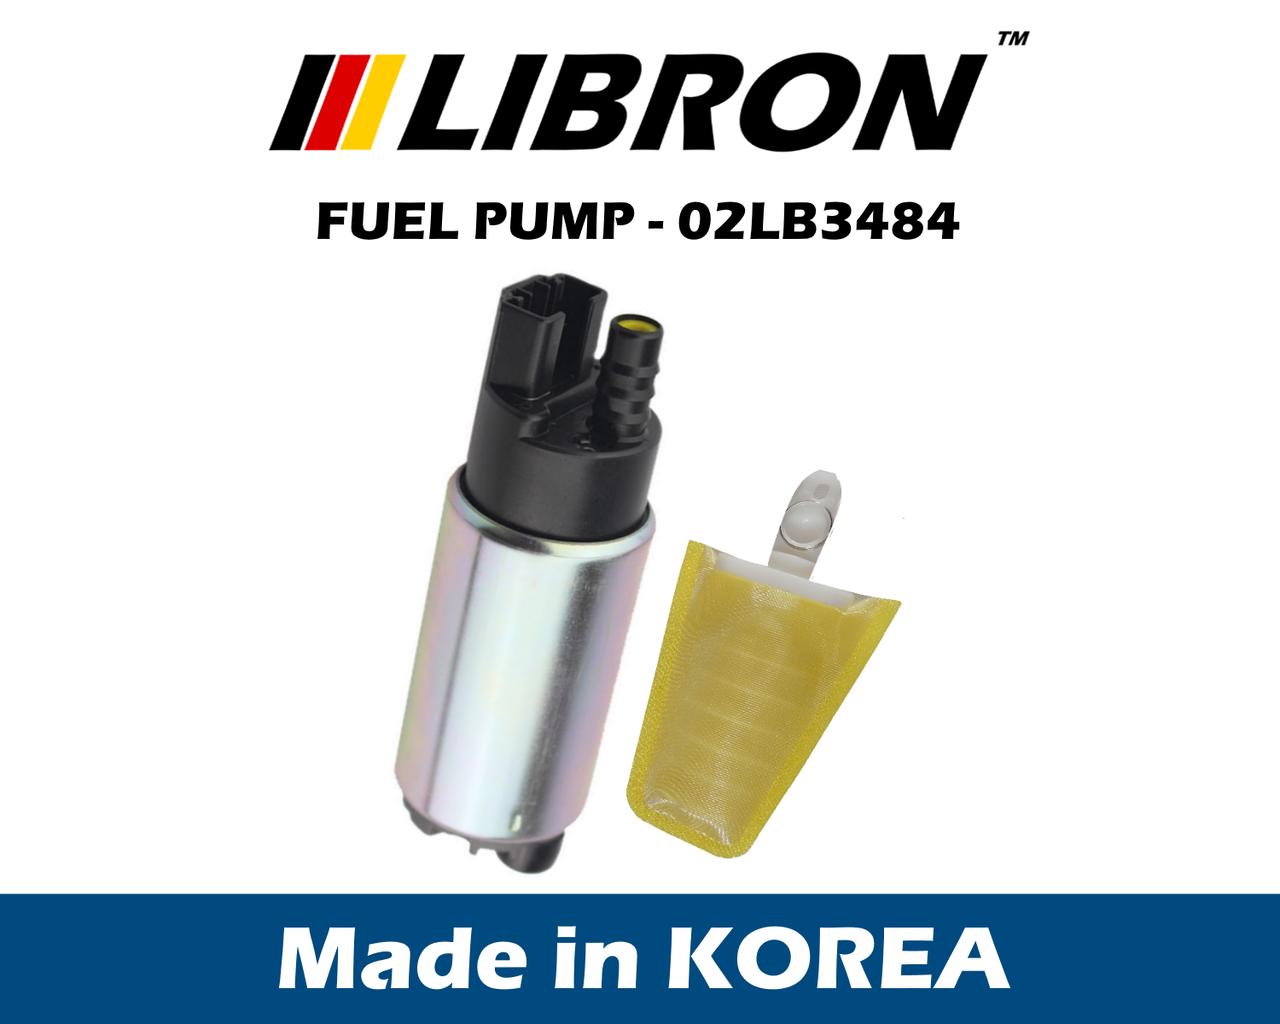 Топливный насос LIBRON 02LB3484 - Мицубиси Ланцес Лансер V